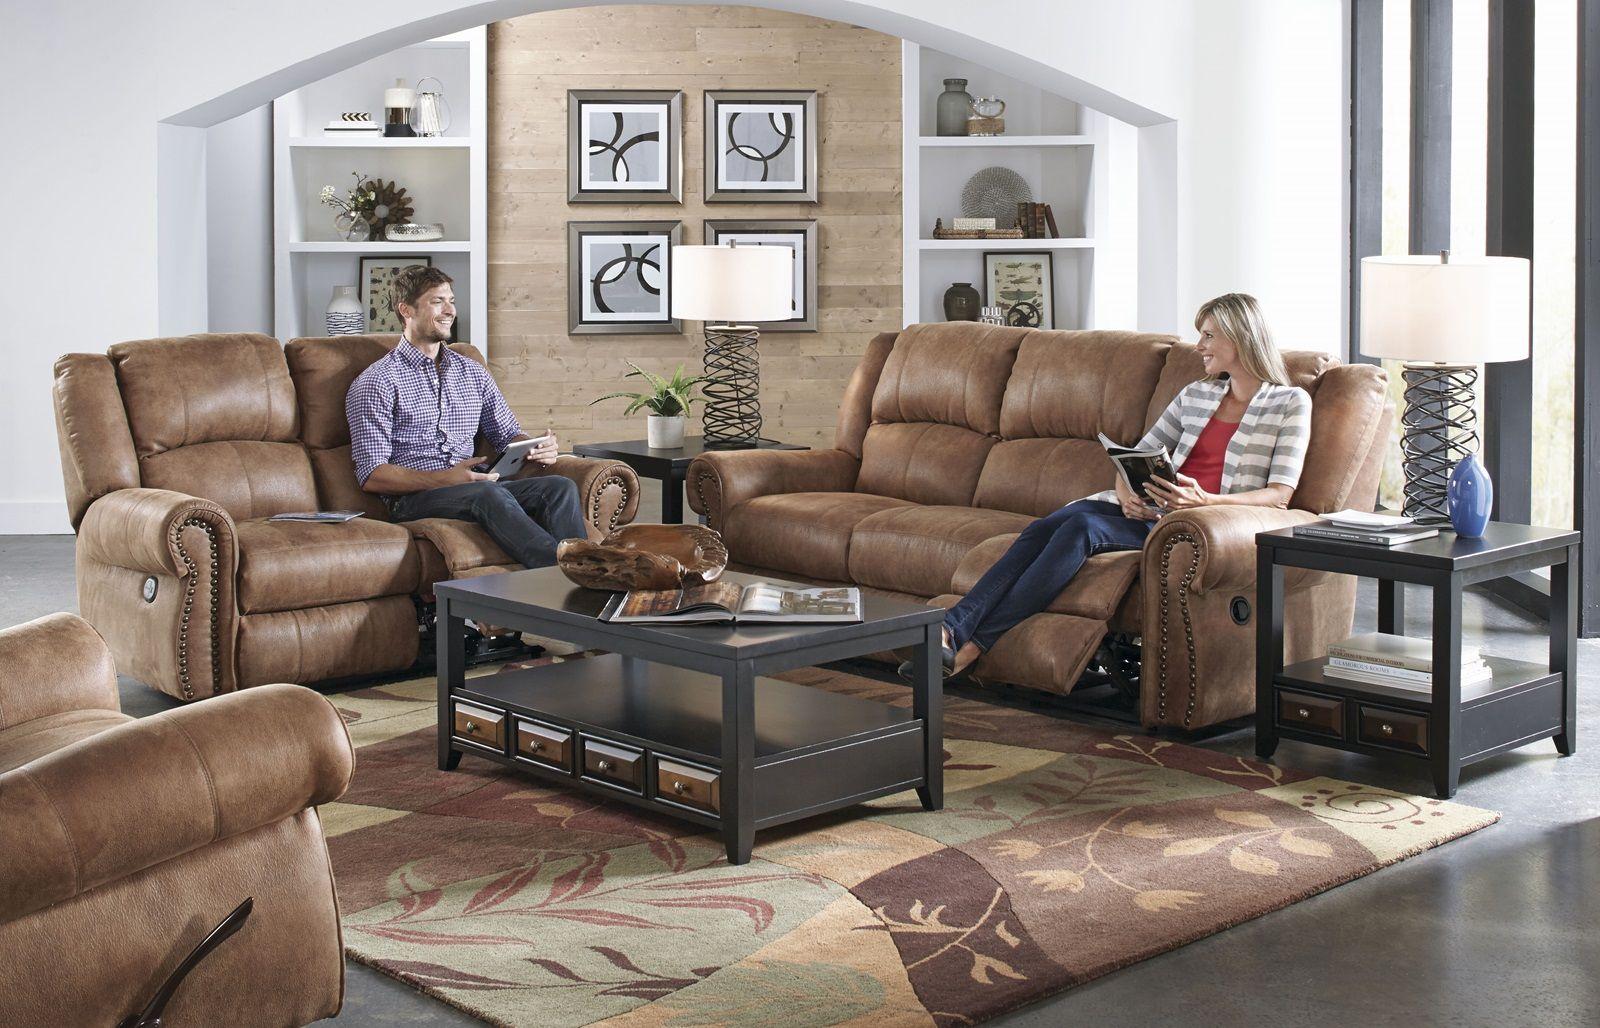 catnapper westin 2 piece living room set in nutmeg code univ20 for rh pinterest com